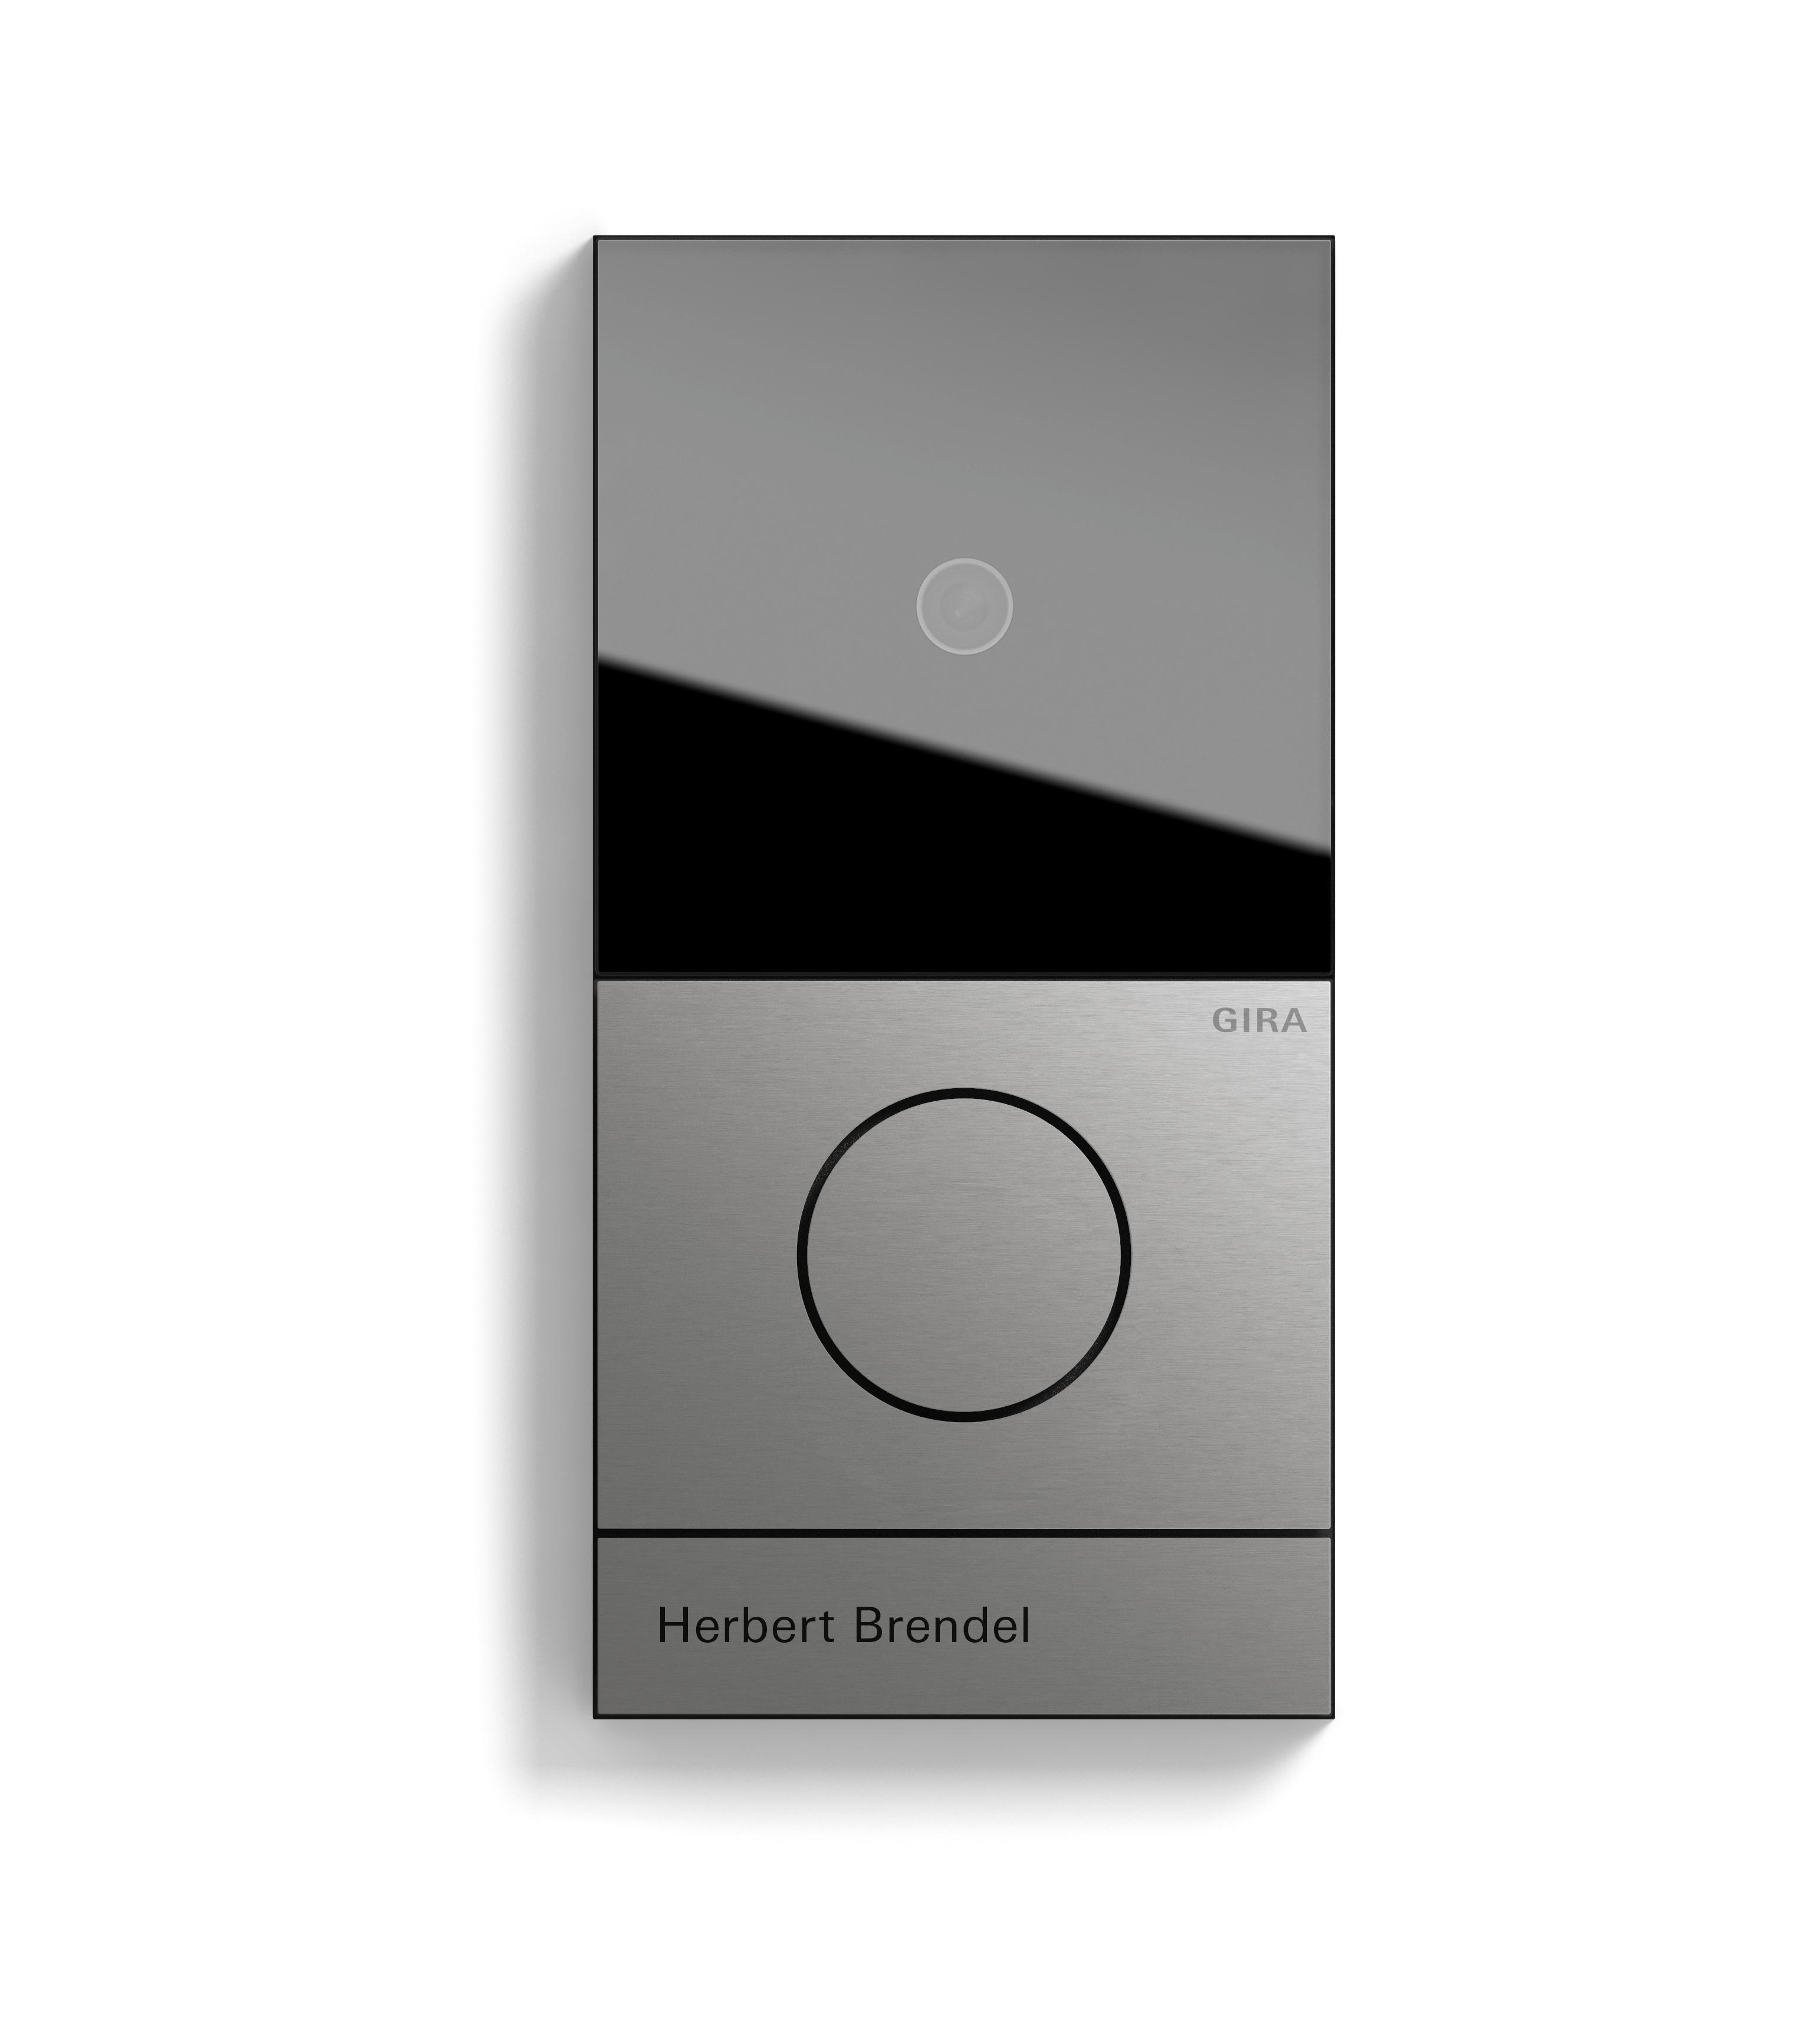 gira system 106 neue design und funktionsvielfalt an der t r. Black Bedroom Furniture Sets. Home Design Ideas